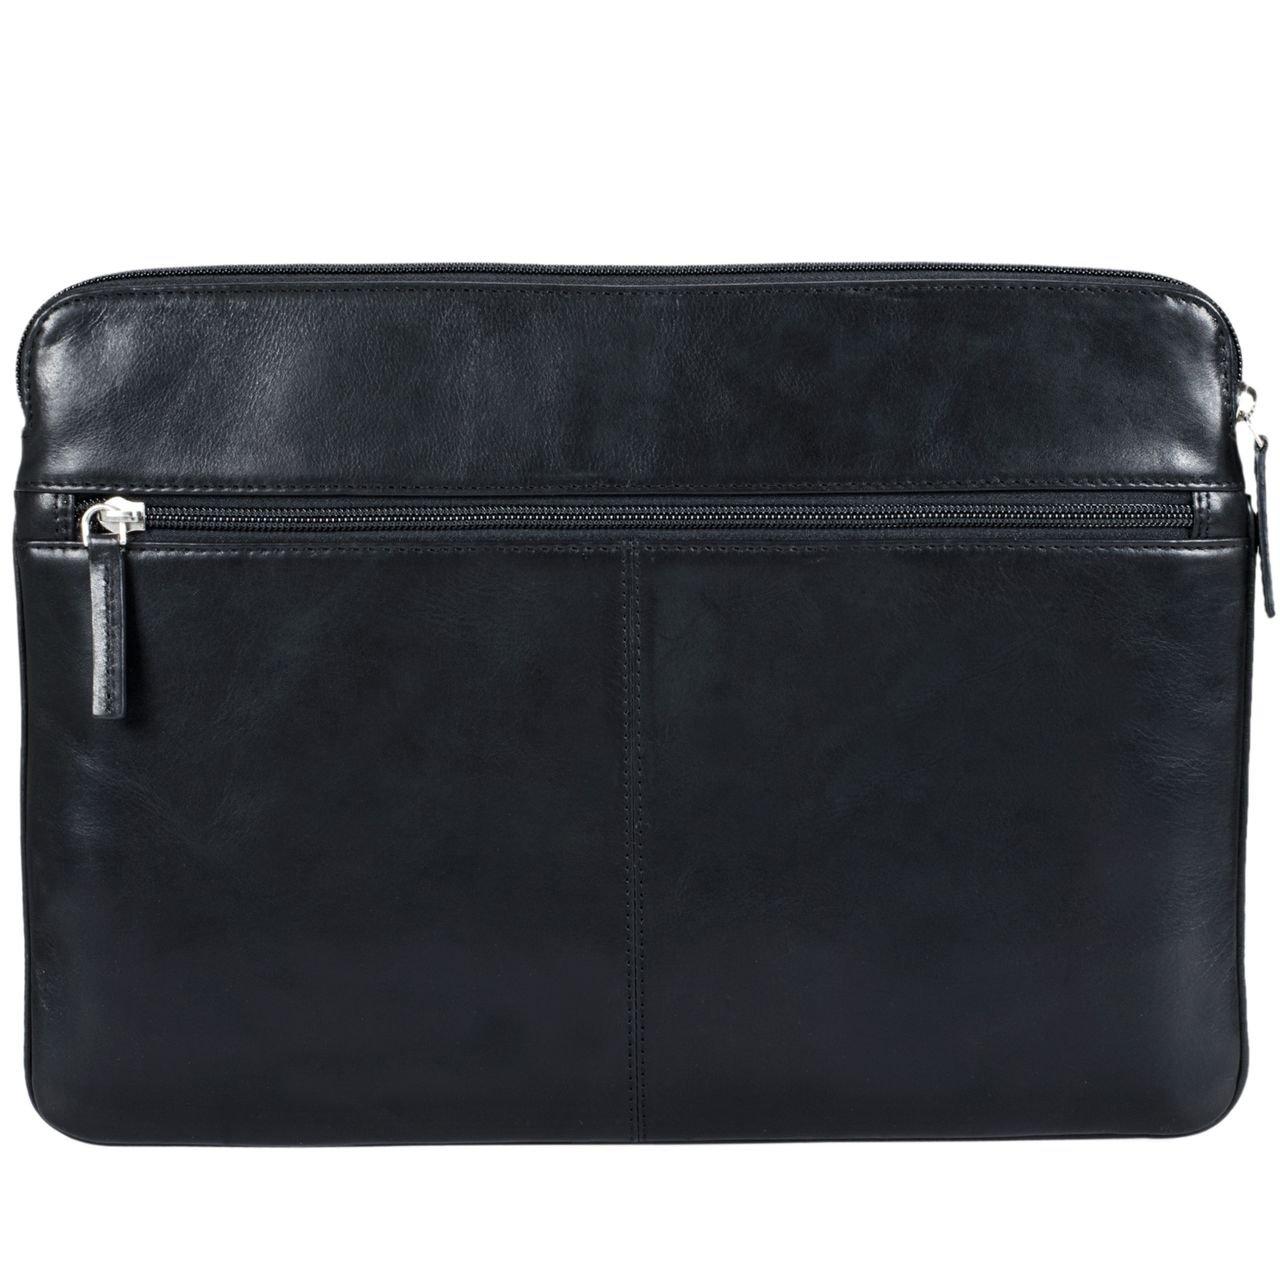 marrone scuro STILORD Robb Custodia sleeve in pelle per pc 13 pollici Laptop portatile Macbook 13,3 Microsoft Surfsace Pro 3//4 Custodia protettiva porta tablet Colore:mocca